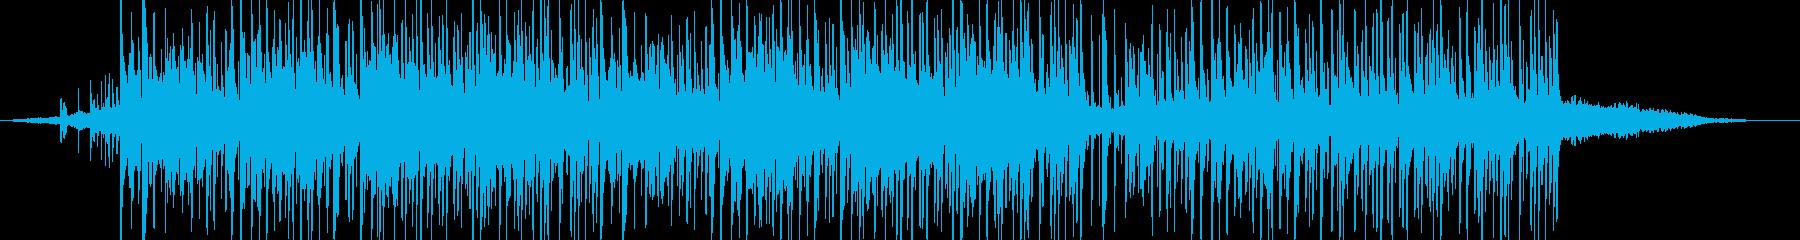 緊迫感のあるエレクトロニカ(ショート版)の再生済みの波形